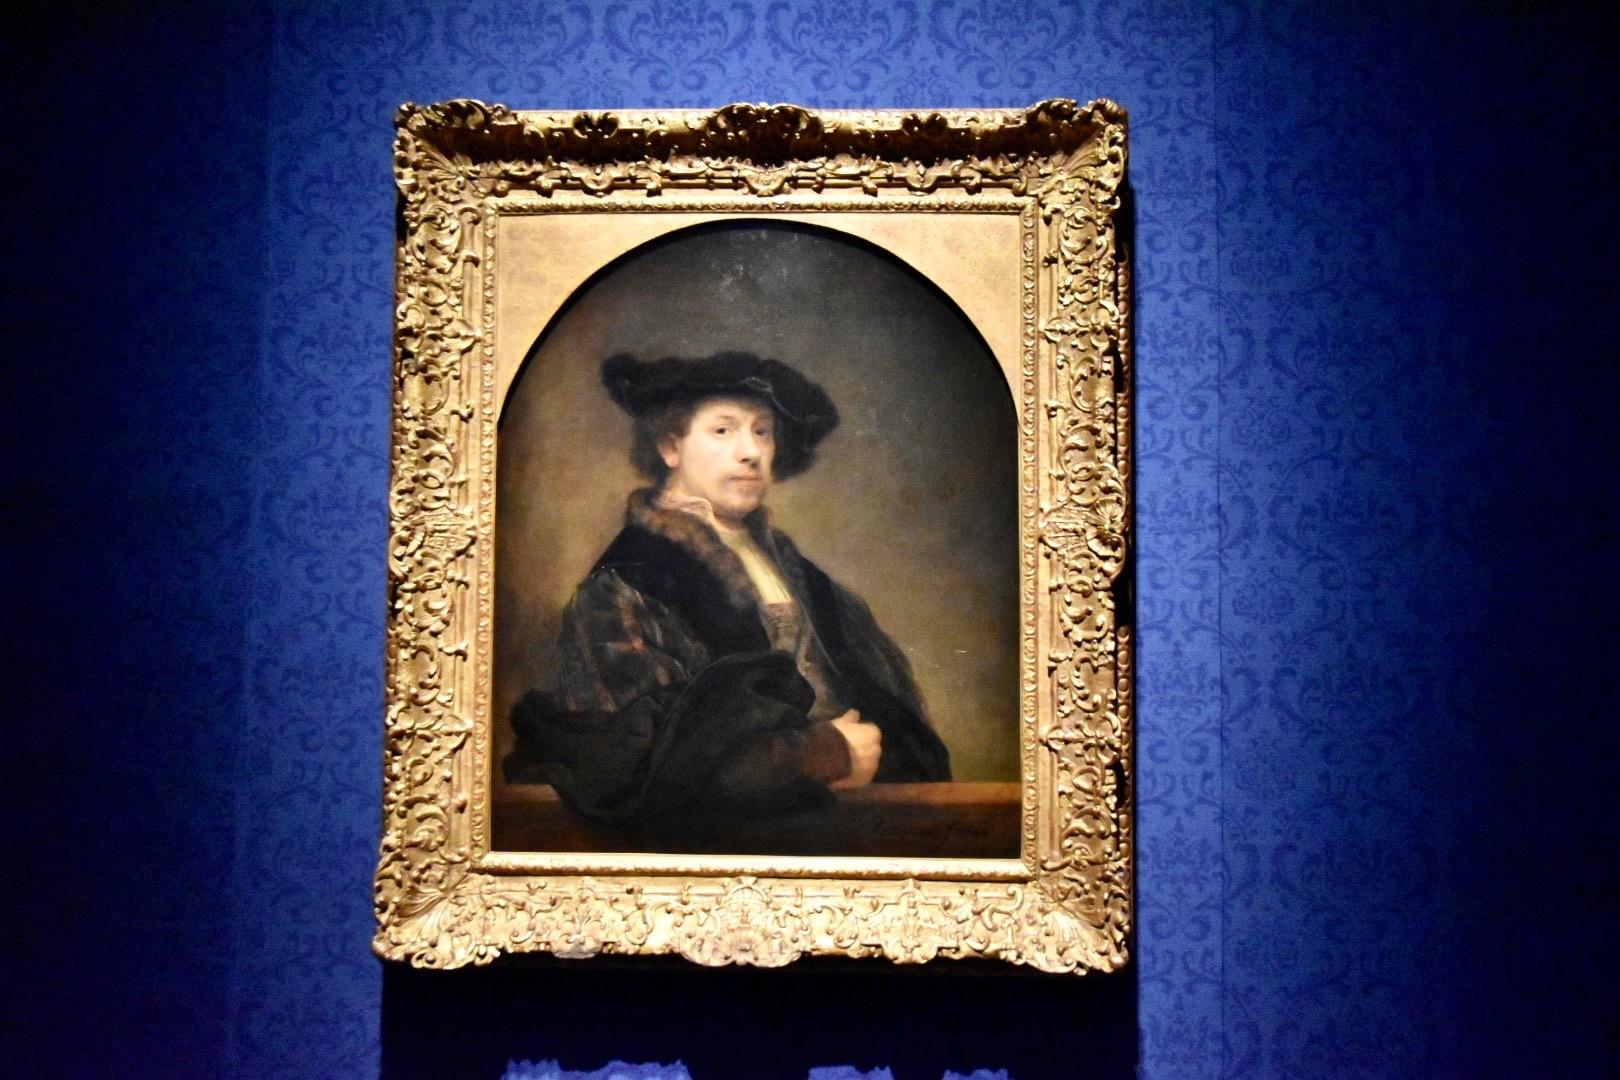 レンブラント・ハルメンスゾーン・ファン・レイン《34歳の自画像》1640年